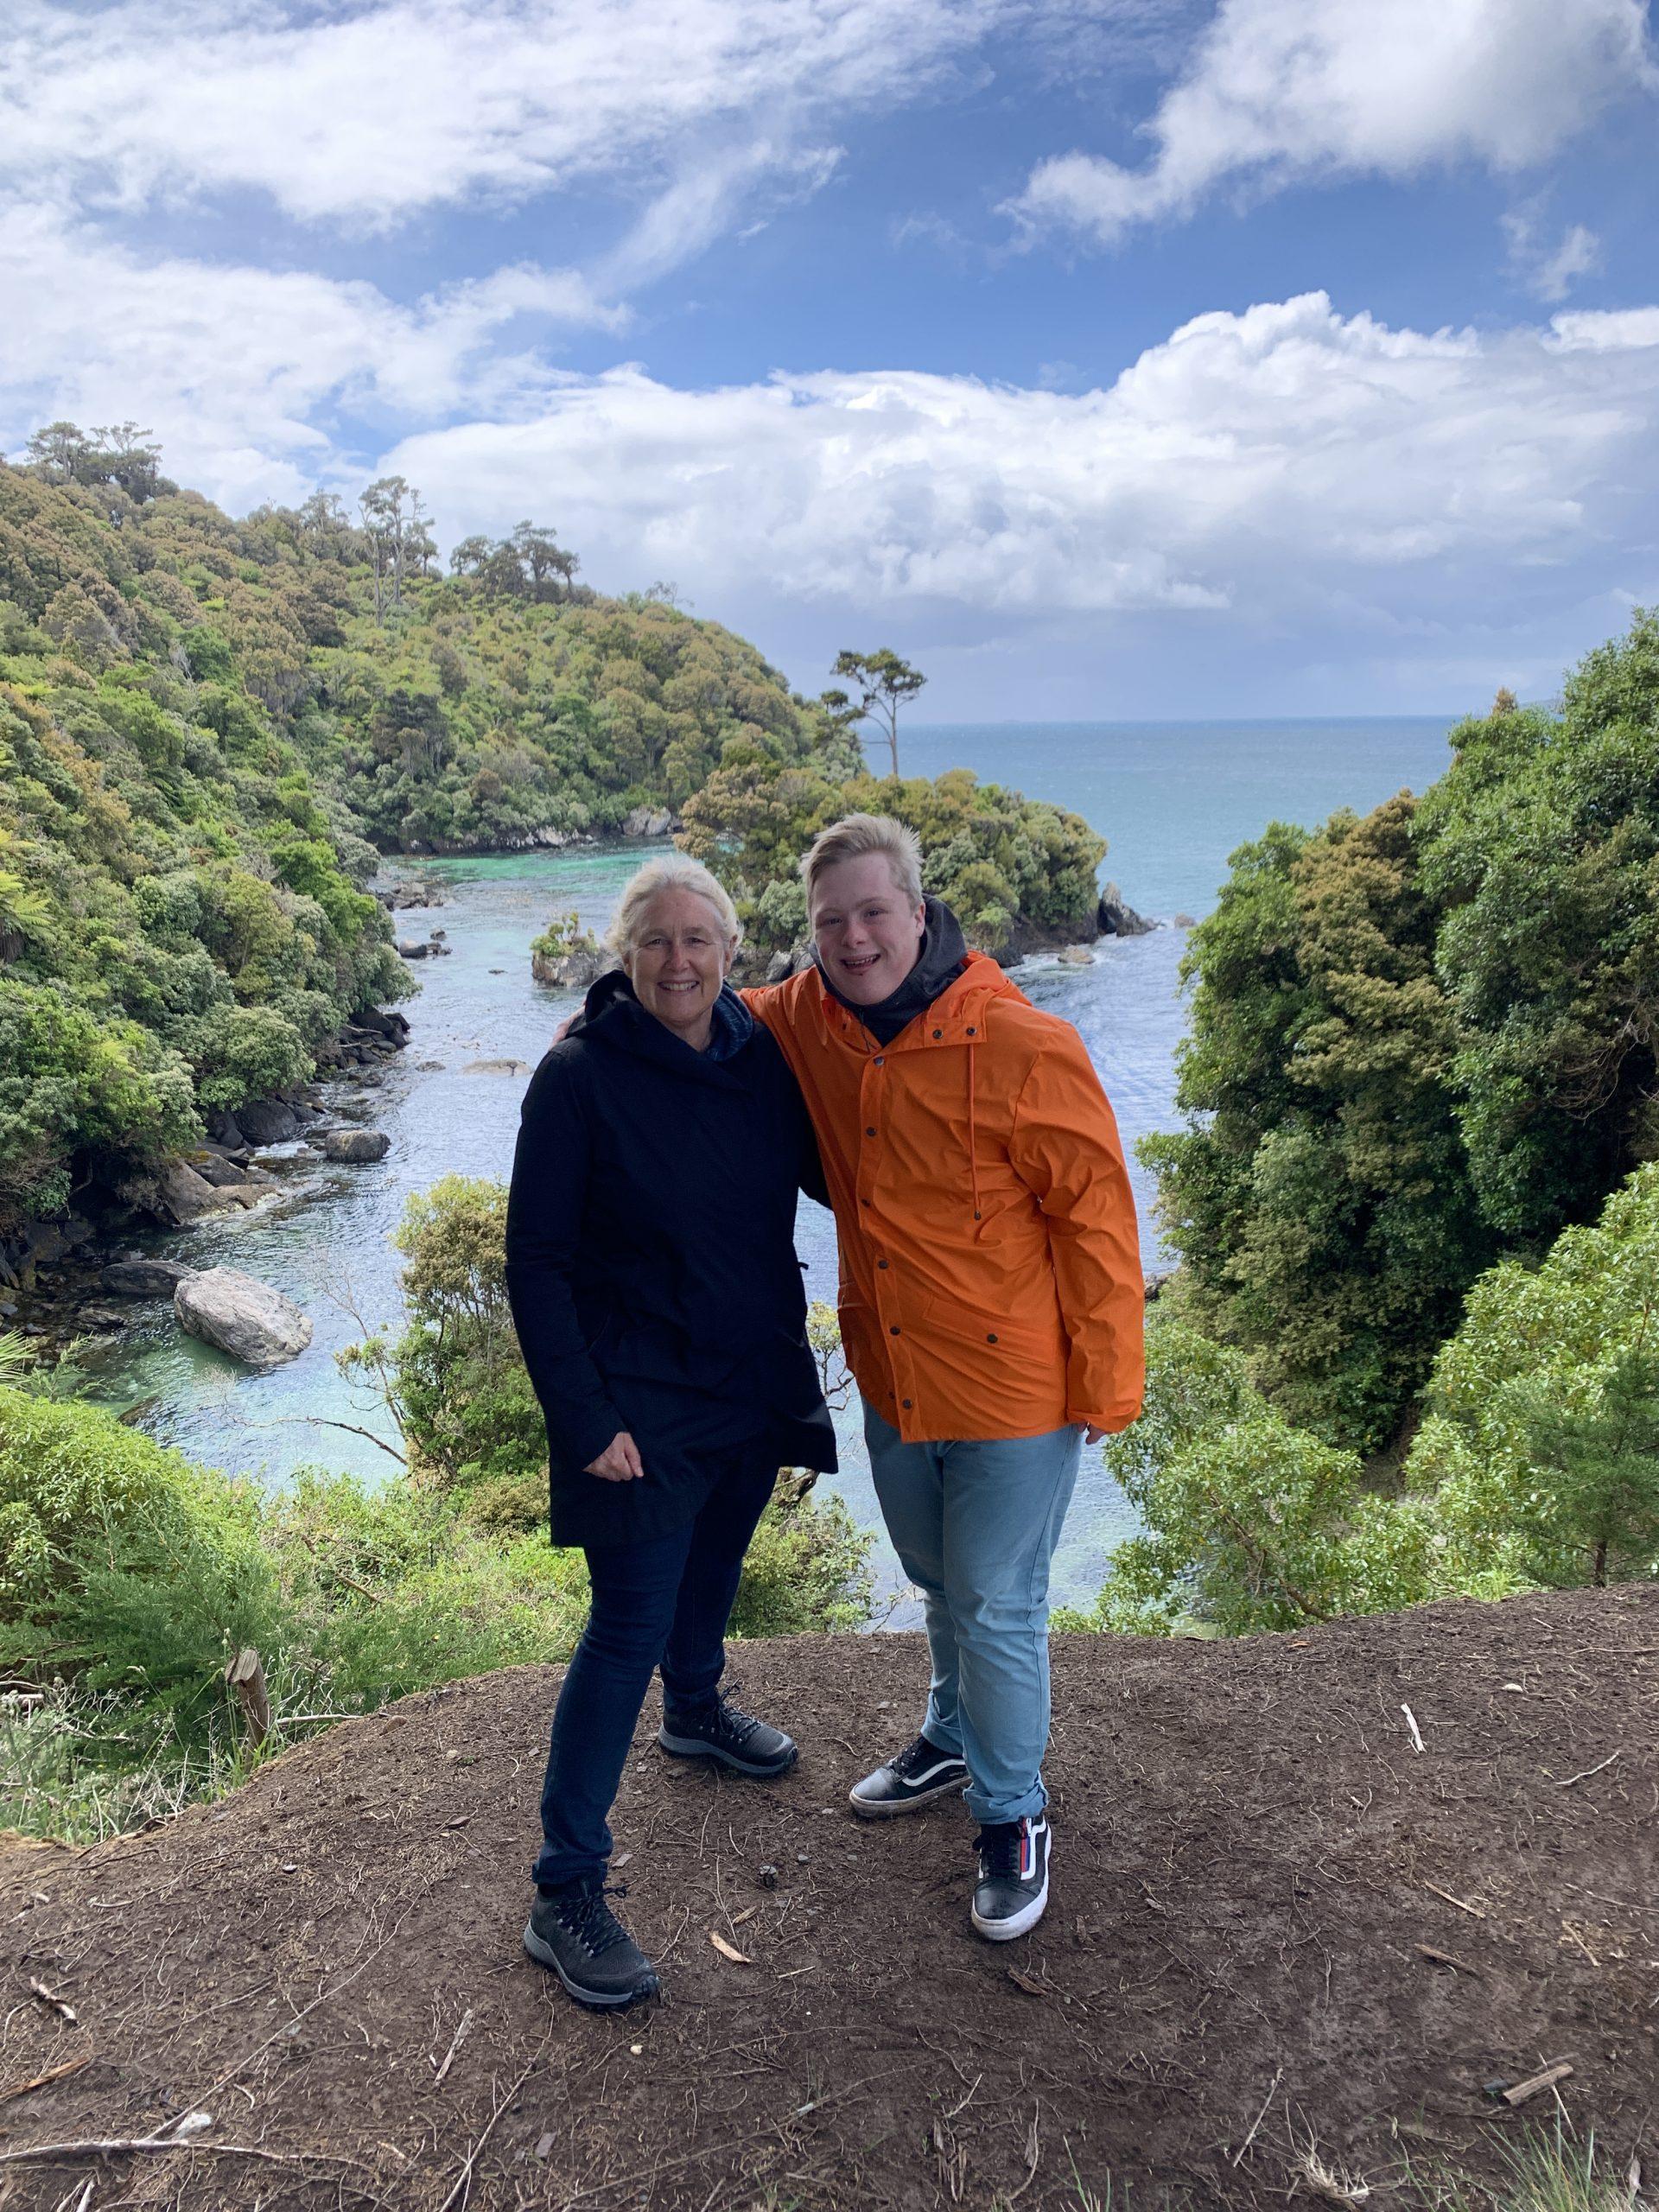 Luke exploring Stuart Island